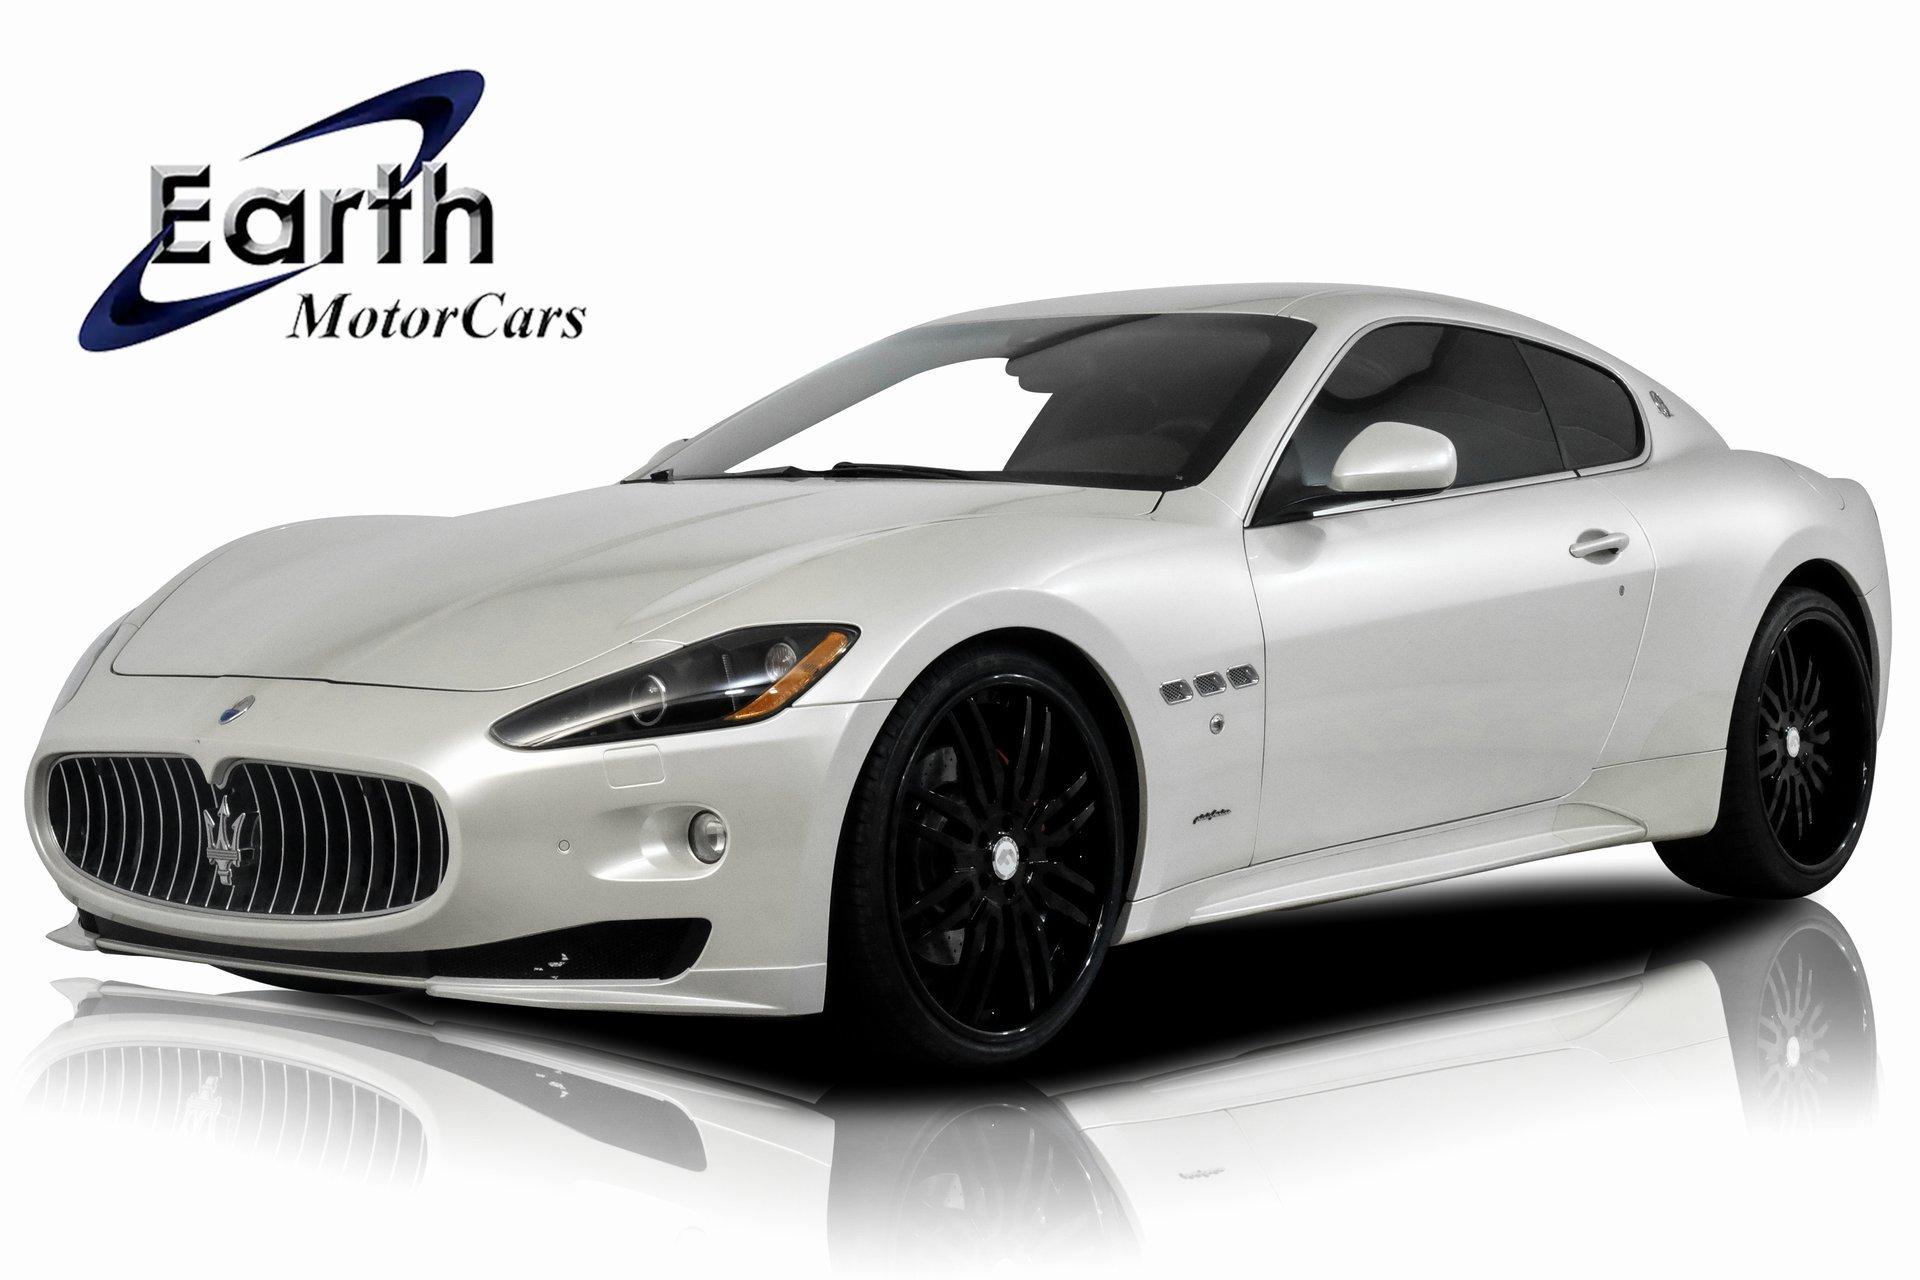 2012 Maserati GranTurismo S Coupe image